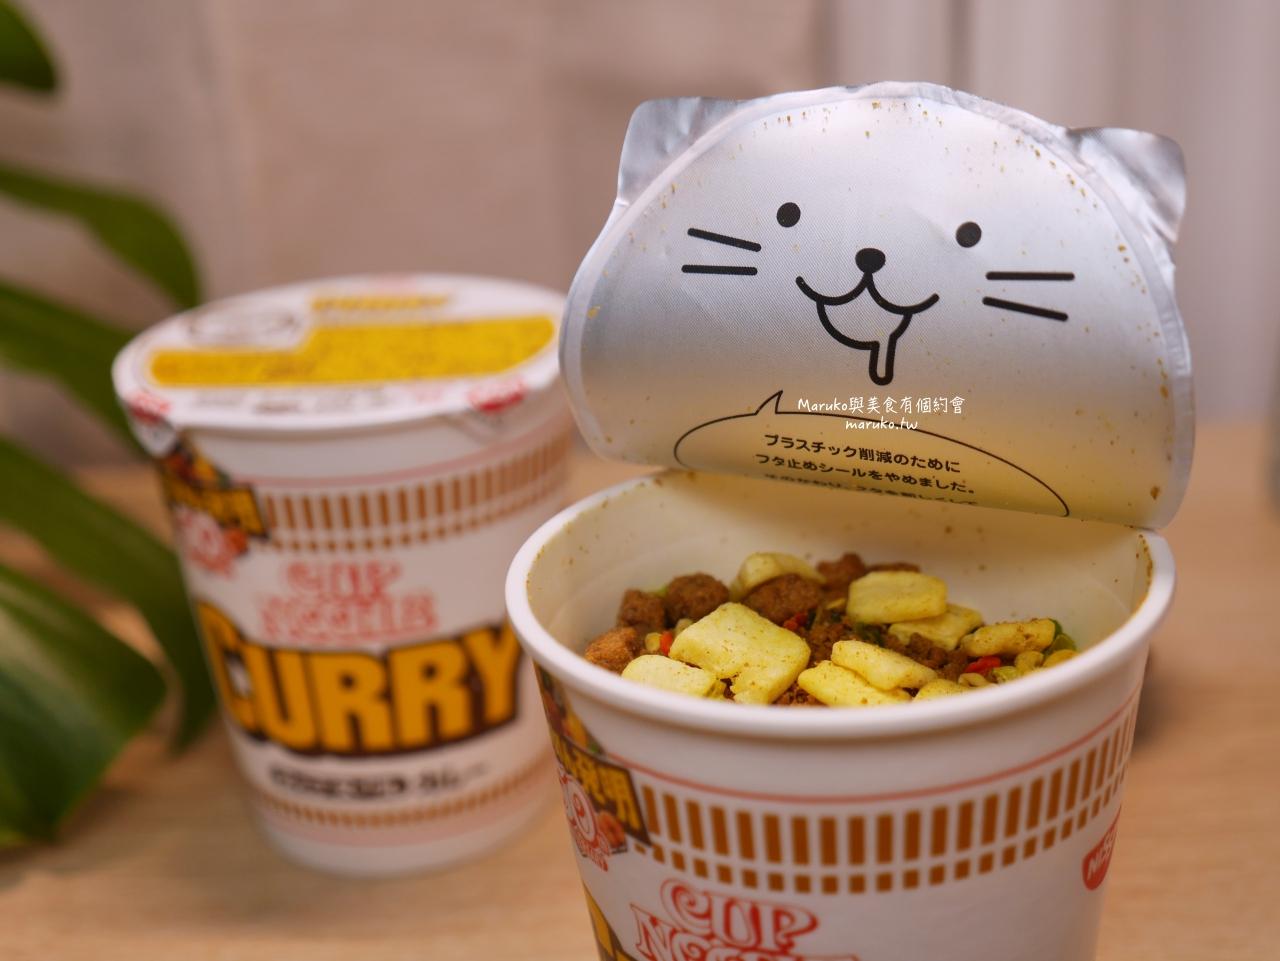 【氣炸鍋食譜】日本超長薯條|可以變化薯條長度與造型的馬鈴薯做法 @Maruko與美食有個約會